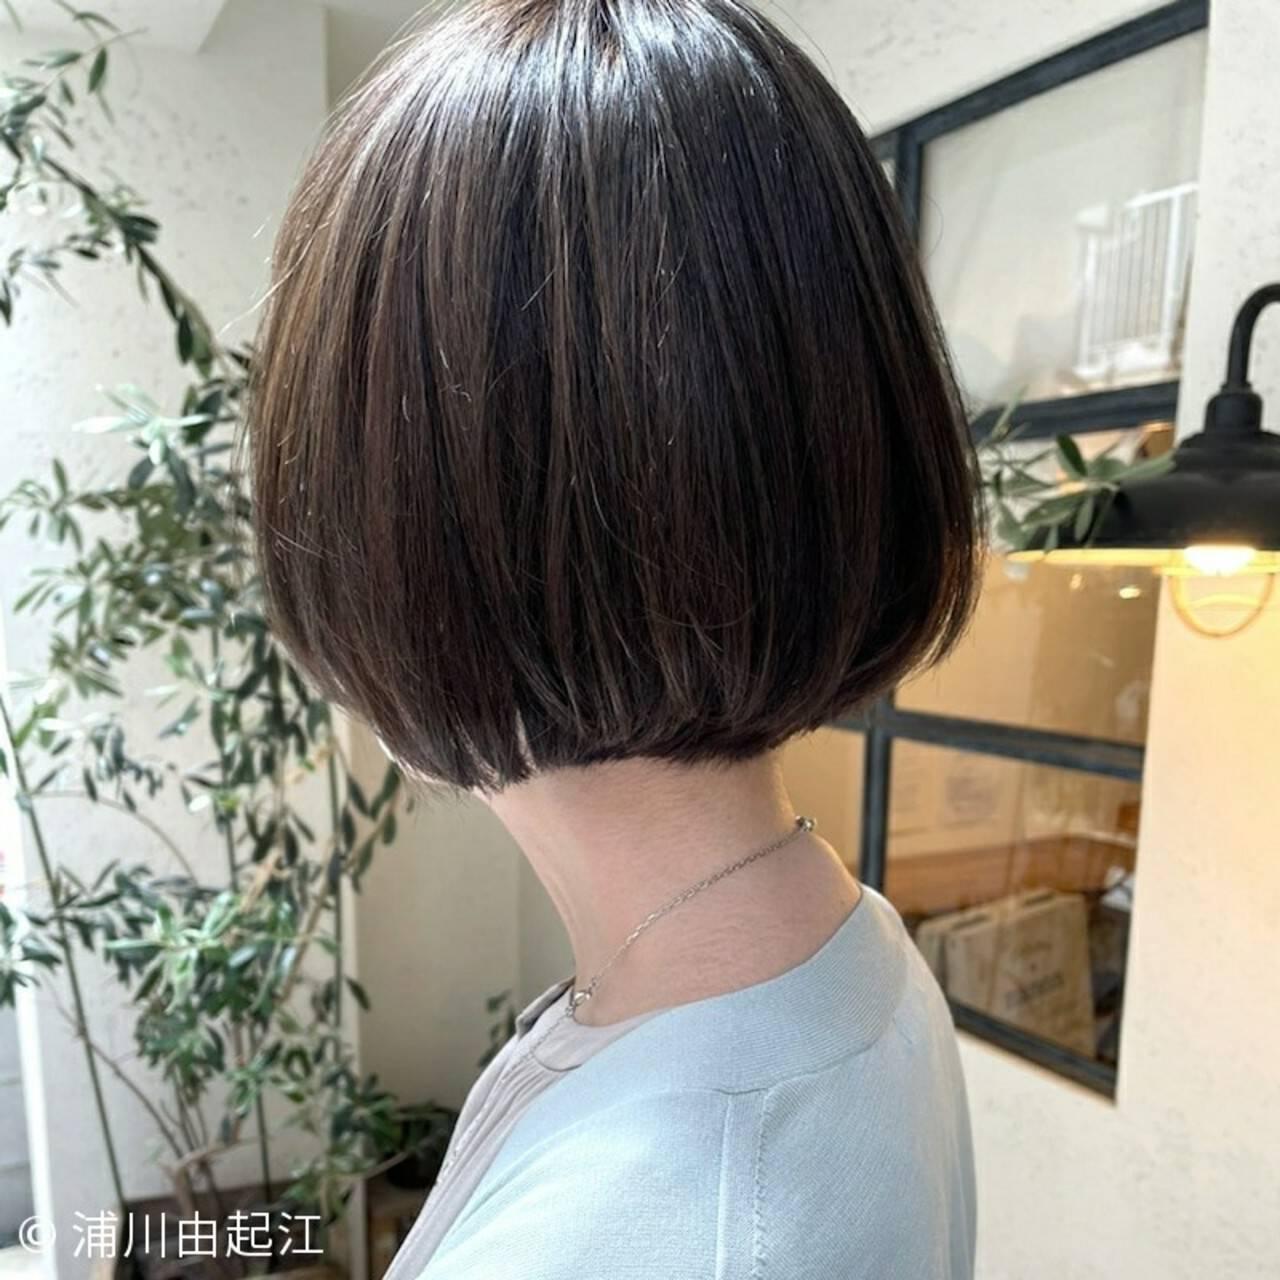 ストレート ナチュラル 縮毛矯正 ボブヘアスタイルや髪型の写真・画像